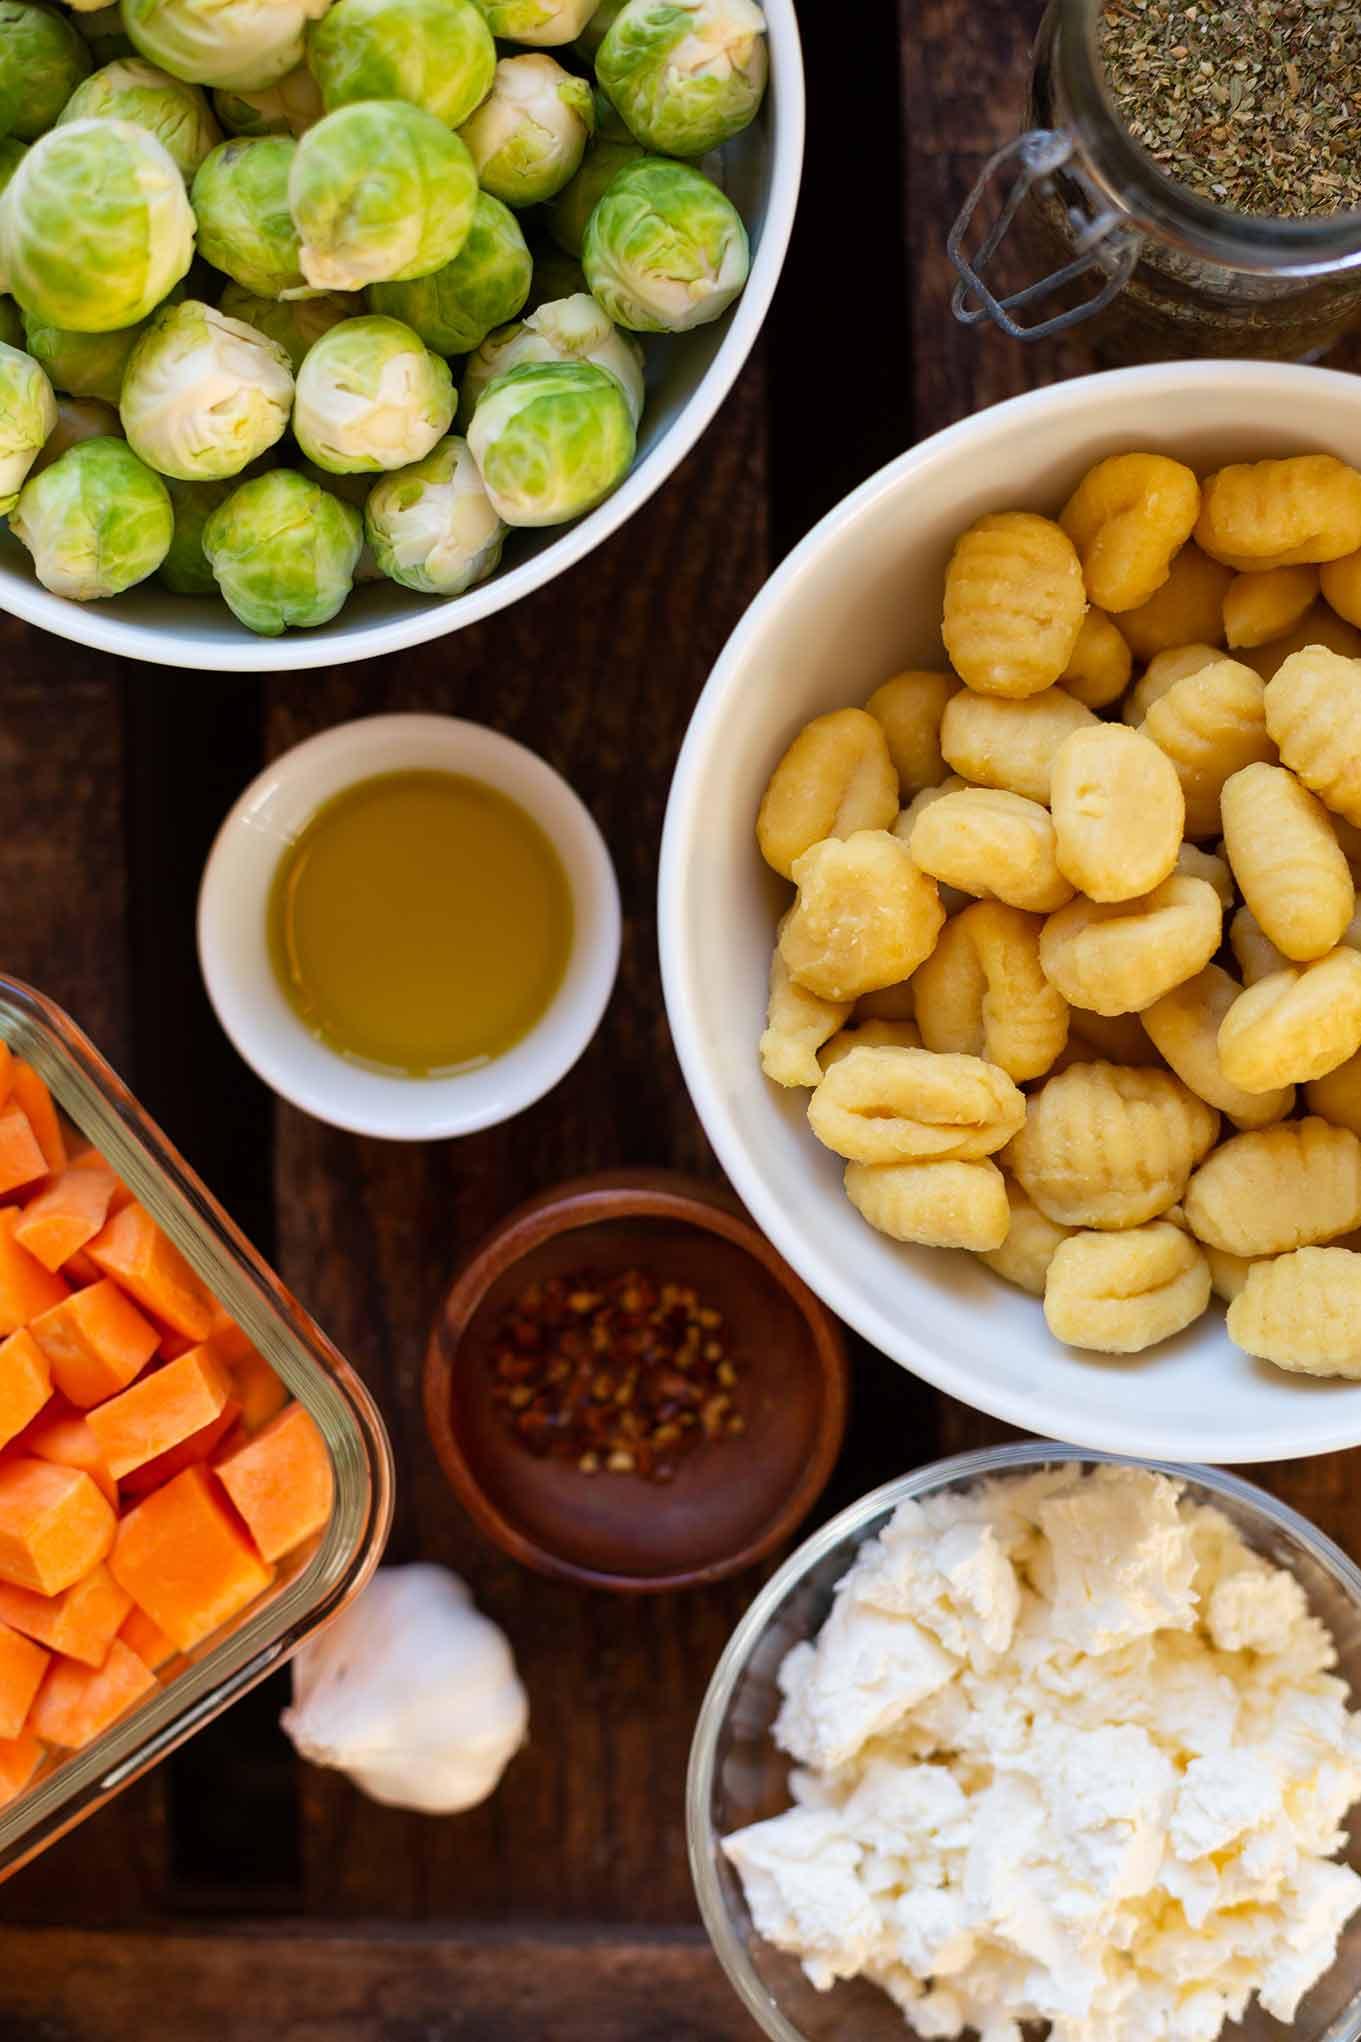 Diese Ein Blech-Gnocchi mit Süßkartoffel, Rosenkohl und Feta sind super schnell vorbereitet: Einfach schnippeln, Zutaten mischen und ab in den Ofen. Ein leckeres Feierabend Rezept, das ihr unbedingt probieren solltet. Kochkarussell - dein Foodblog für schnelle und einfache Feierabend Rezepte. #kochkarussell #feierabendküche #einblechrezept #onepan #soulfood